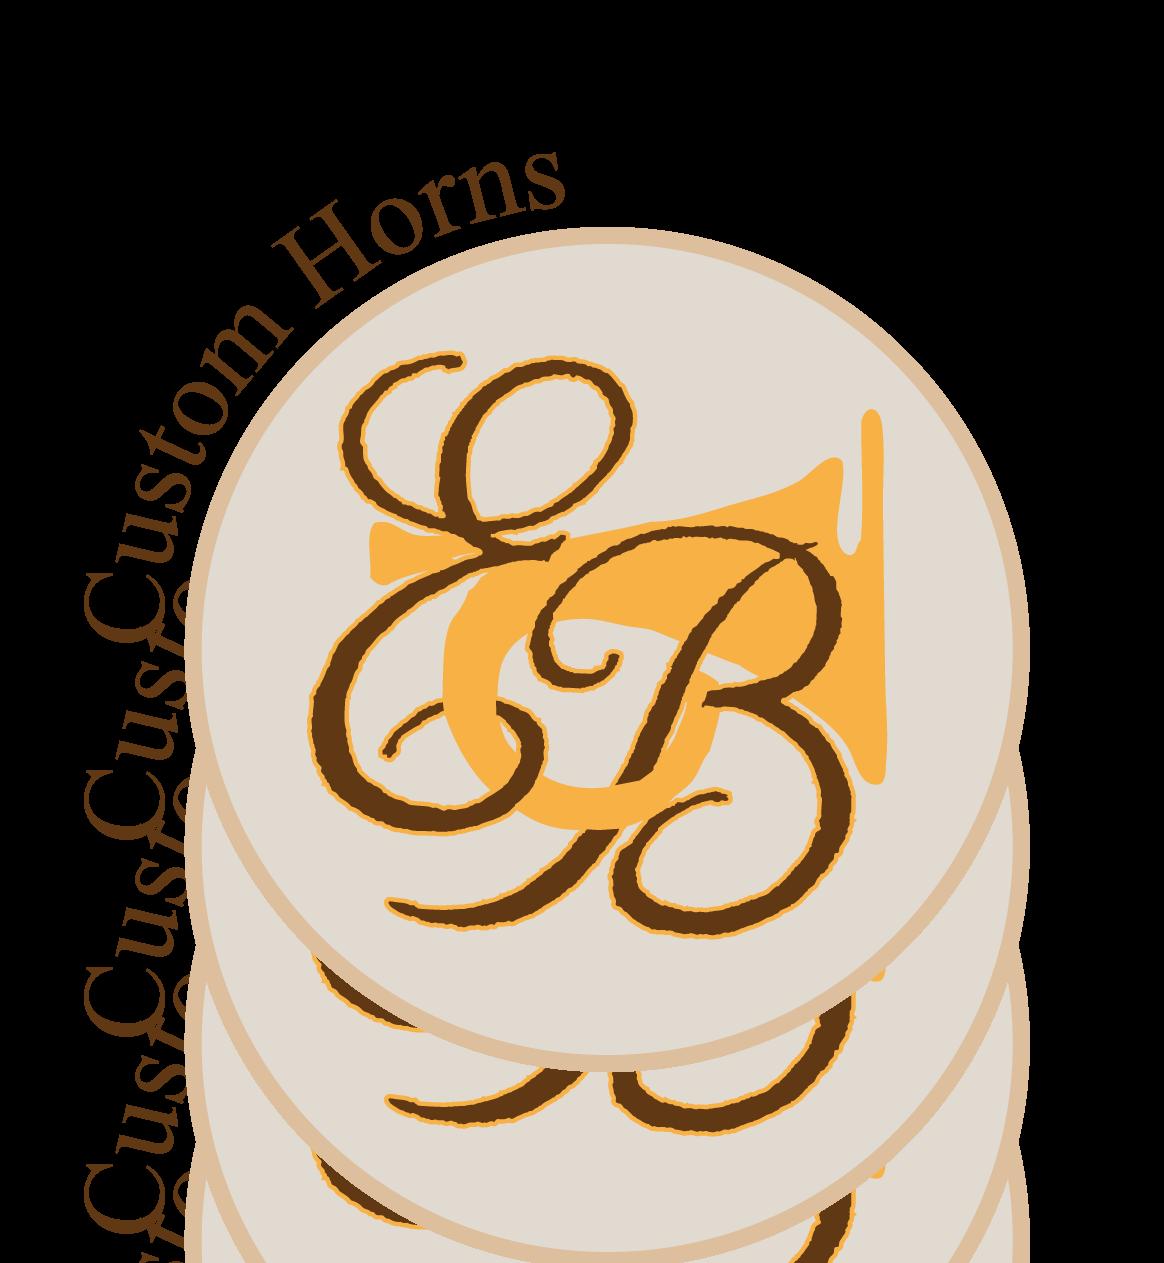 2017-12-23_EB_Logos-01 (1).png